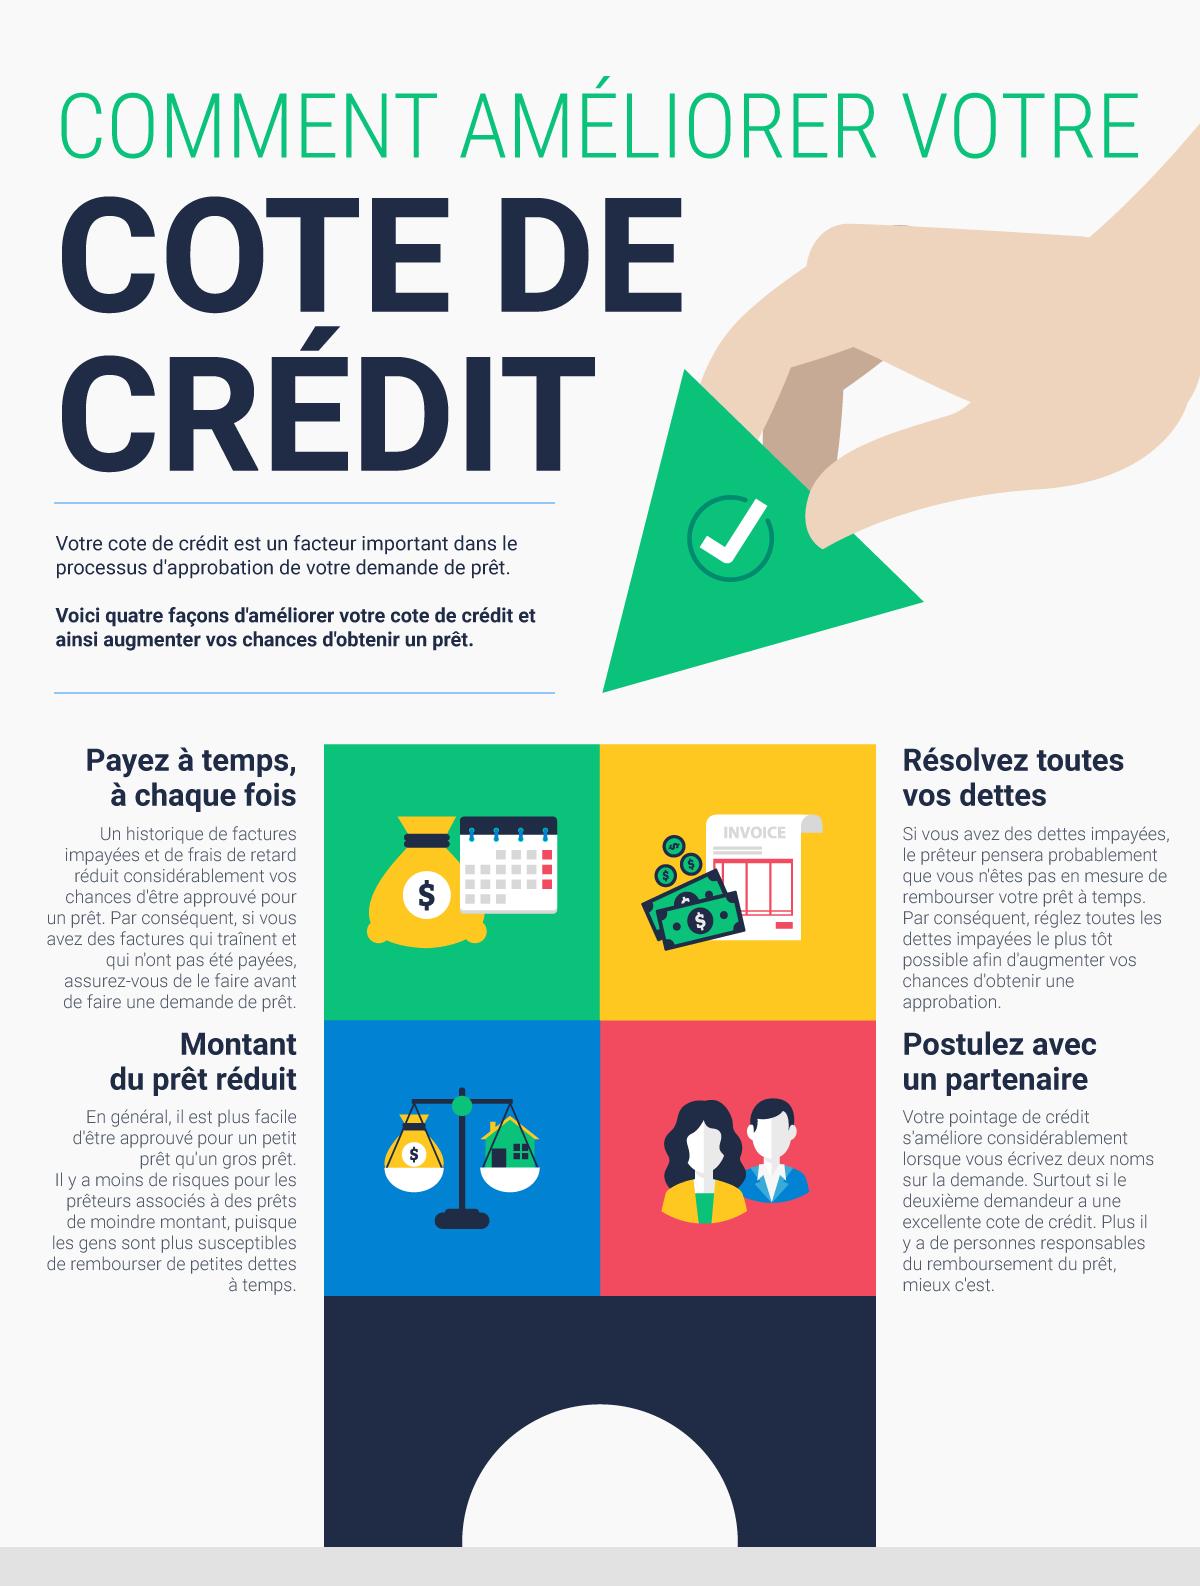 Comment améliorer votre cote de crédit ?